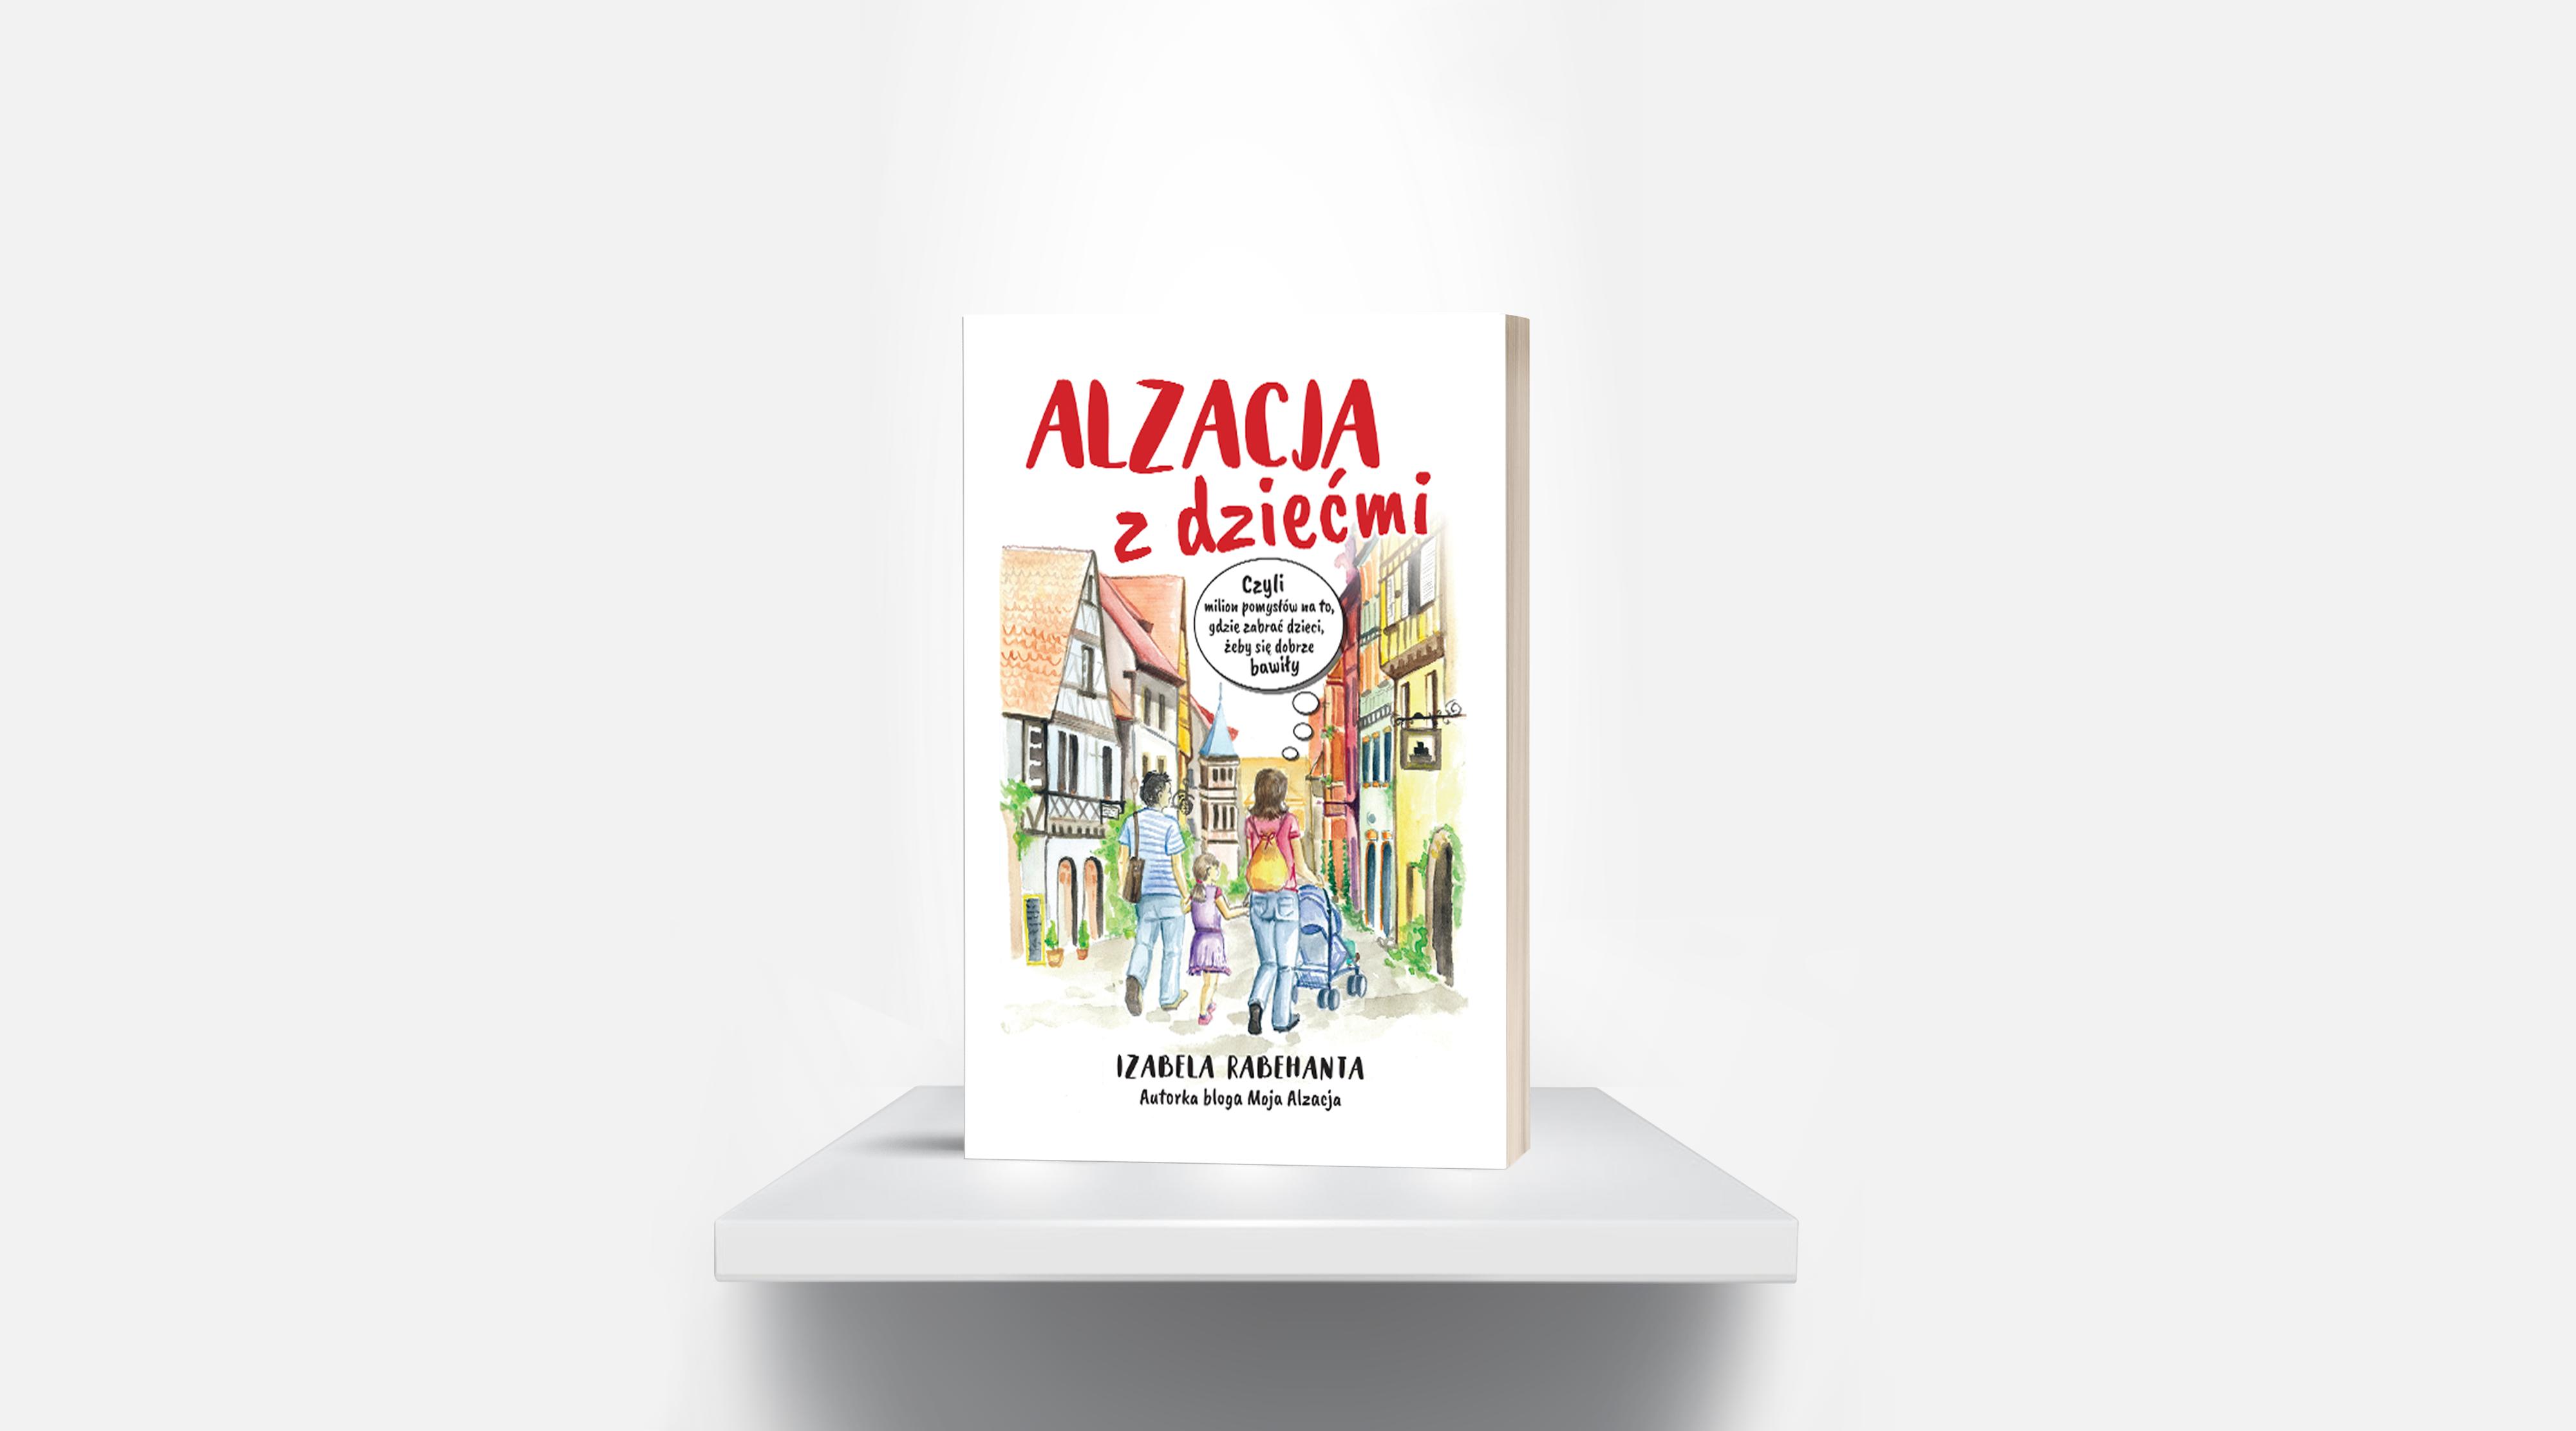 Recenzje #117 - Przewodnik Alzacja z dziećmi - okładka przewodnika - Francuski przy kawie